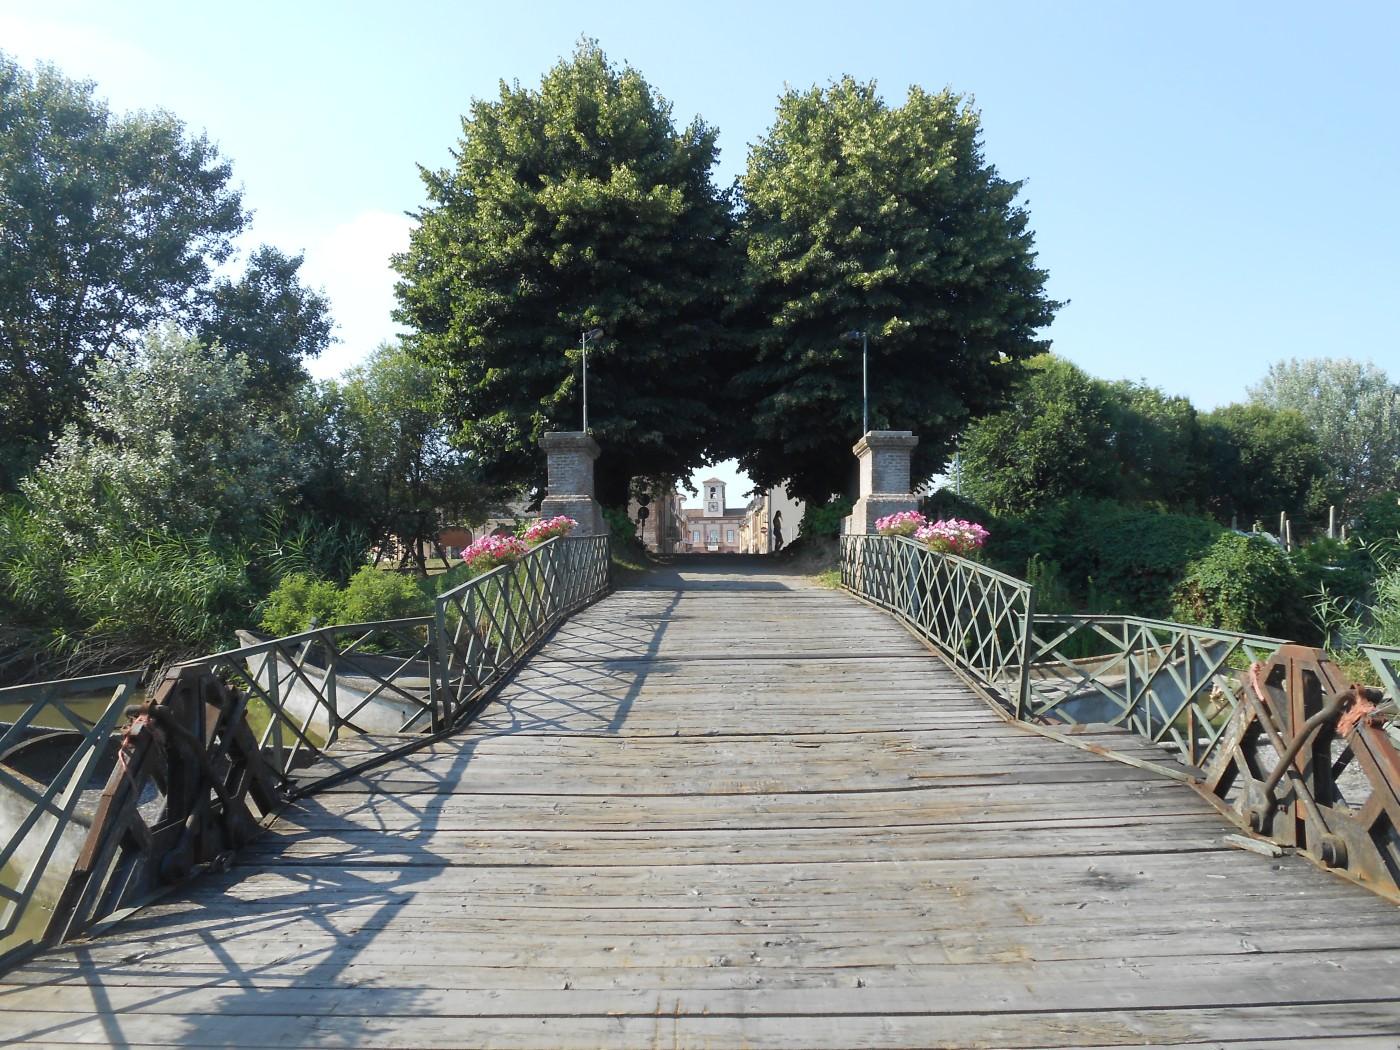 ponte di barche, Commessaggio, Mantova